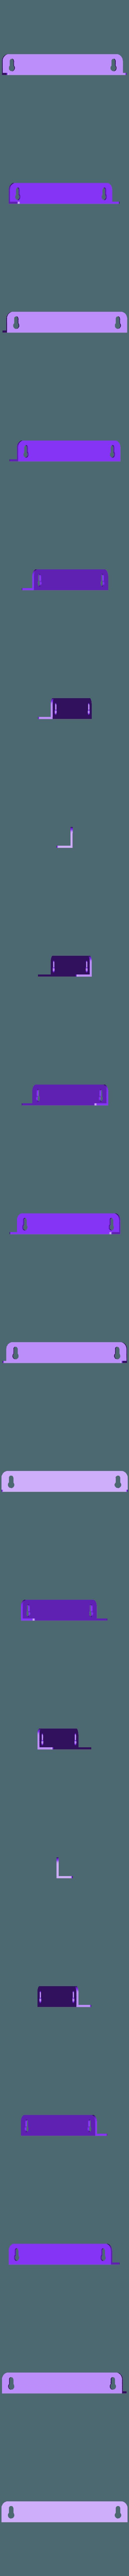 wiha_9pc_65090.stl Télécharger fichier STL gratuit Porte-vis de précision Wiha • Objet imprimable en 3D, Masterkookus